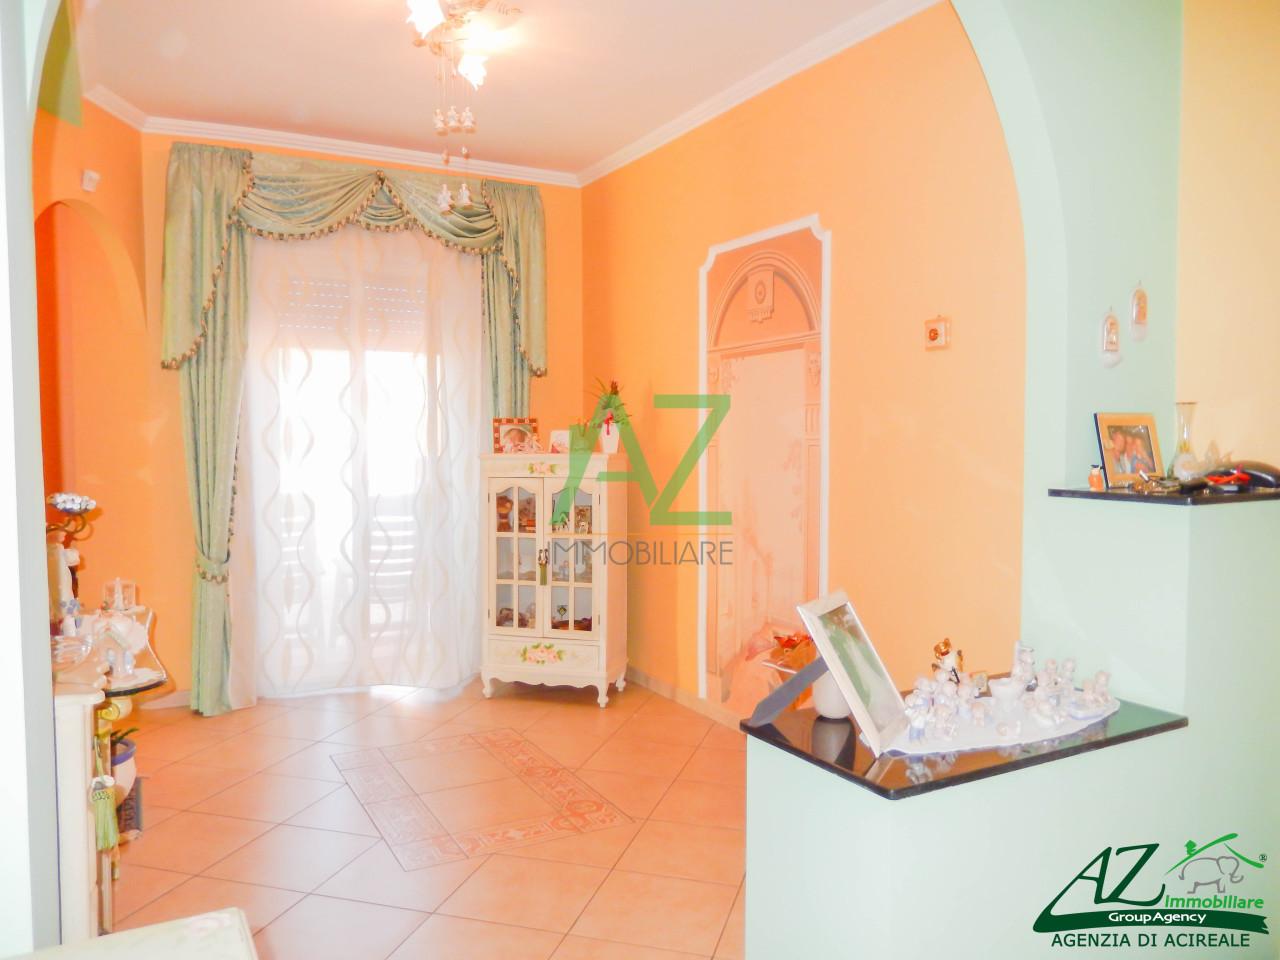 Appartamento in vendita a Aci Catena, 4 locali, prezzo € 95.000 | Cambio Casa.it